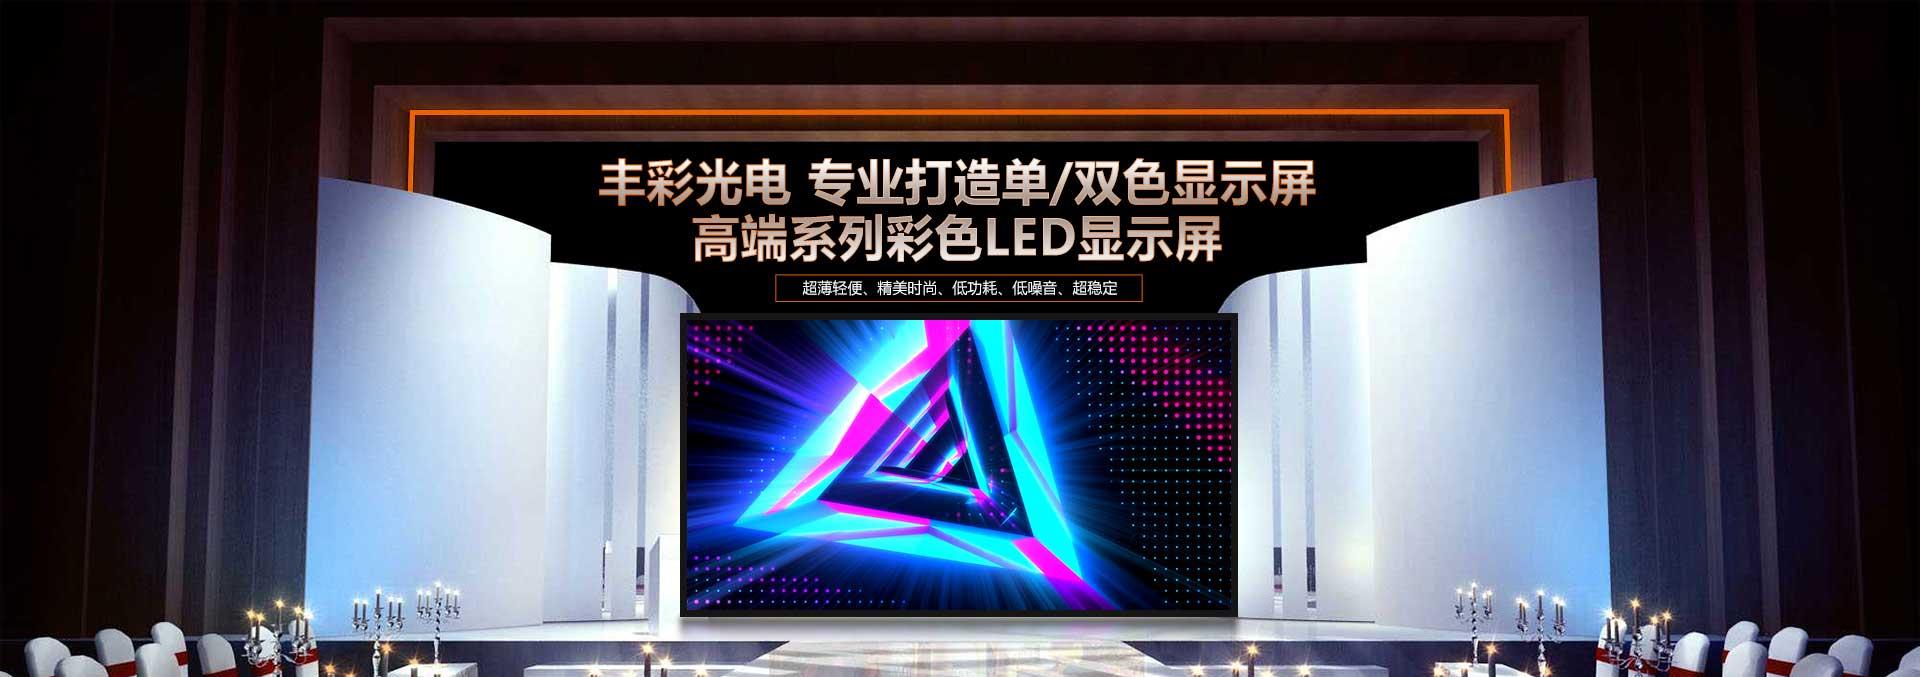 全彩led显示屏厂家